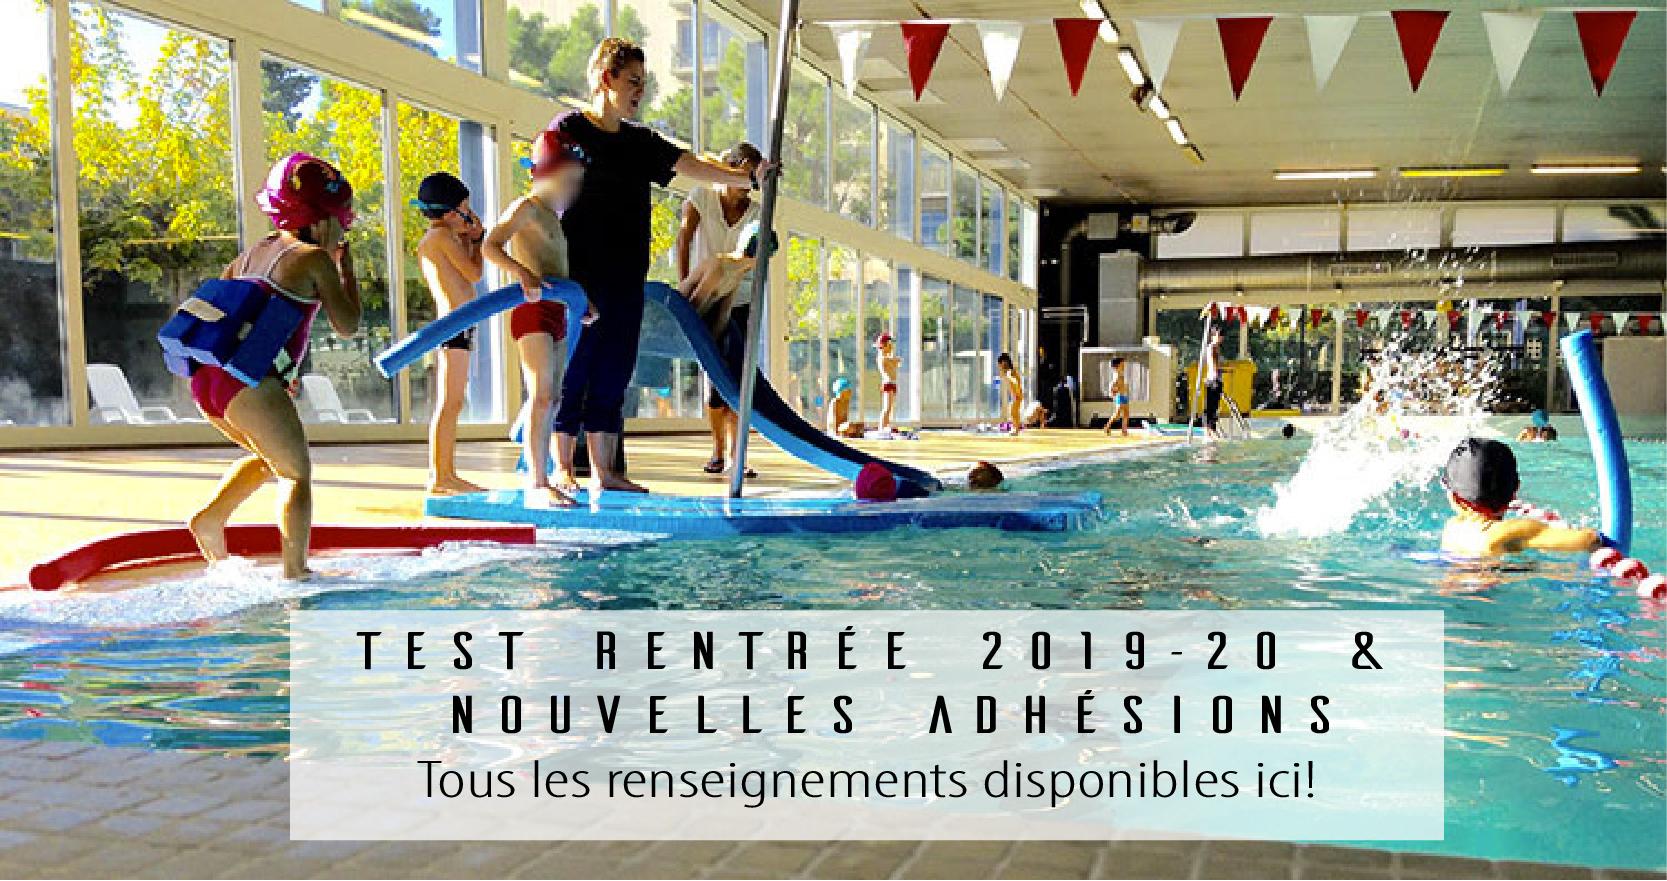 École De Natation | Asptt Marseille Natation & Sauvetage concernant Piscine René Magnac